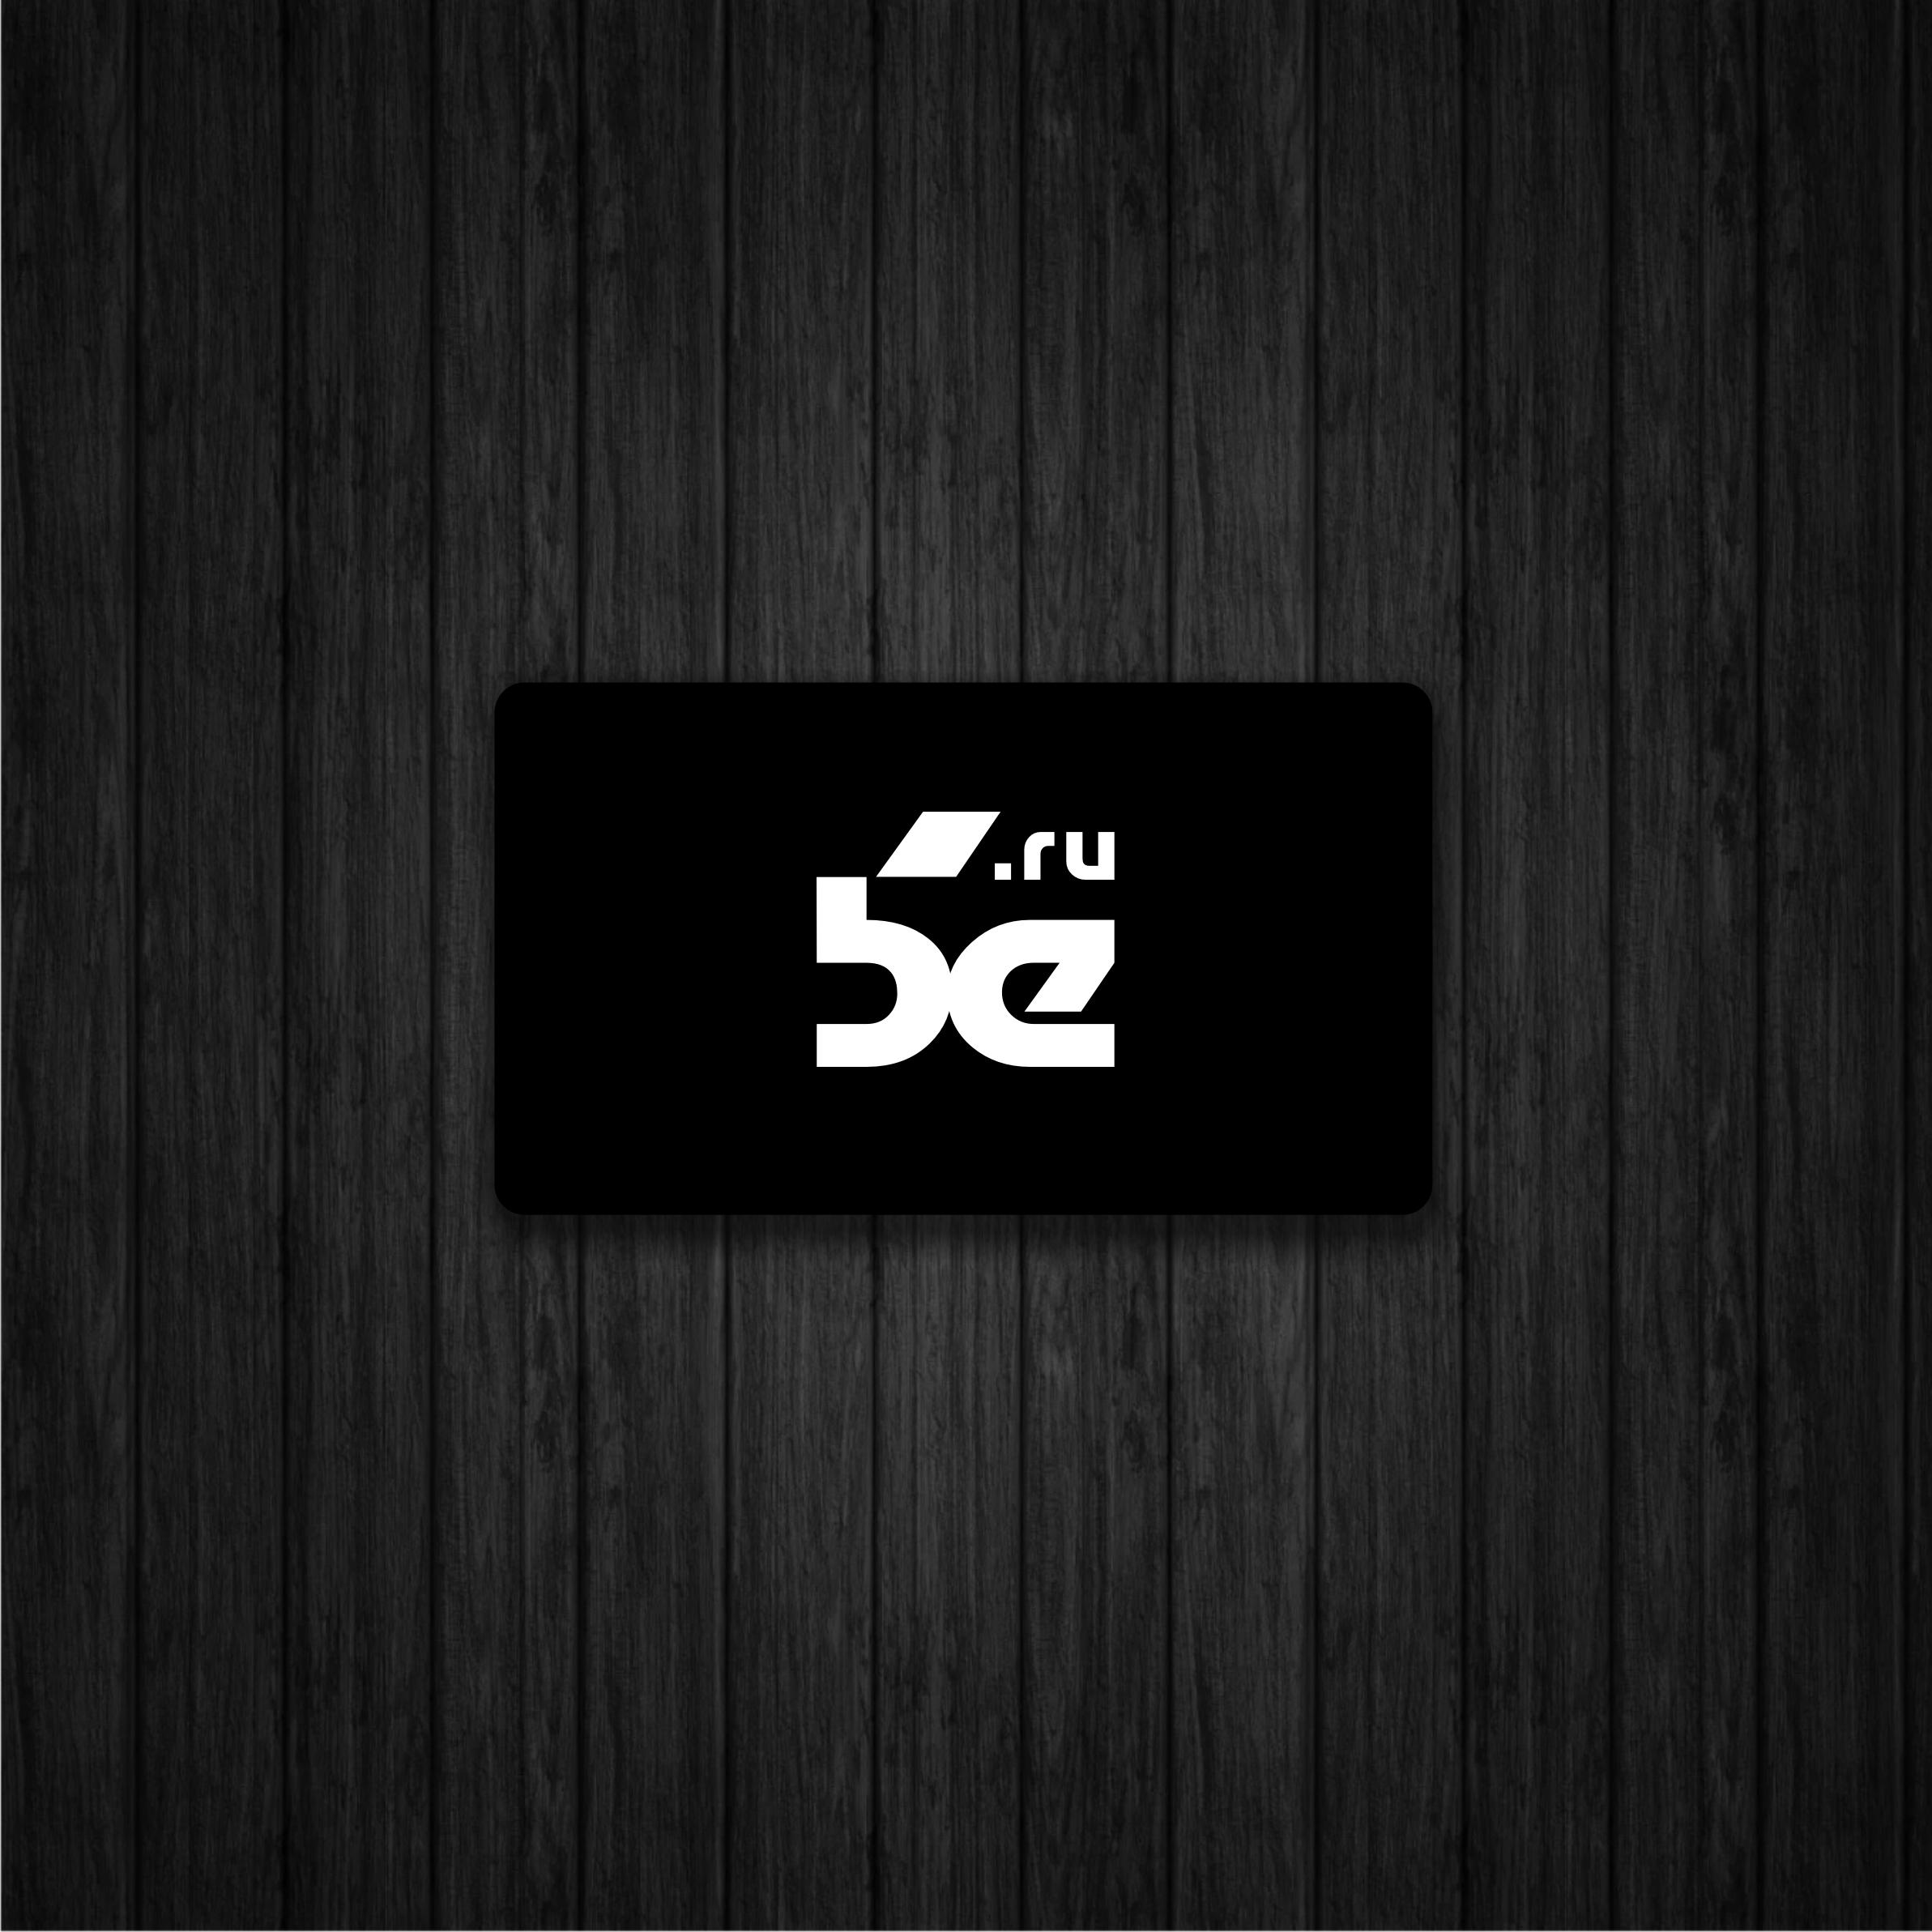 Нарисовать логотип для группы компаний  фото f_8415cdb9c8fa654f.jpg